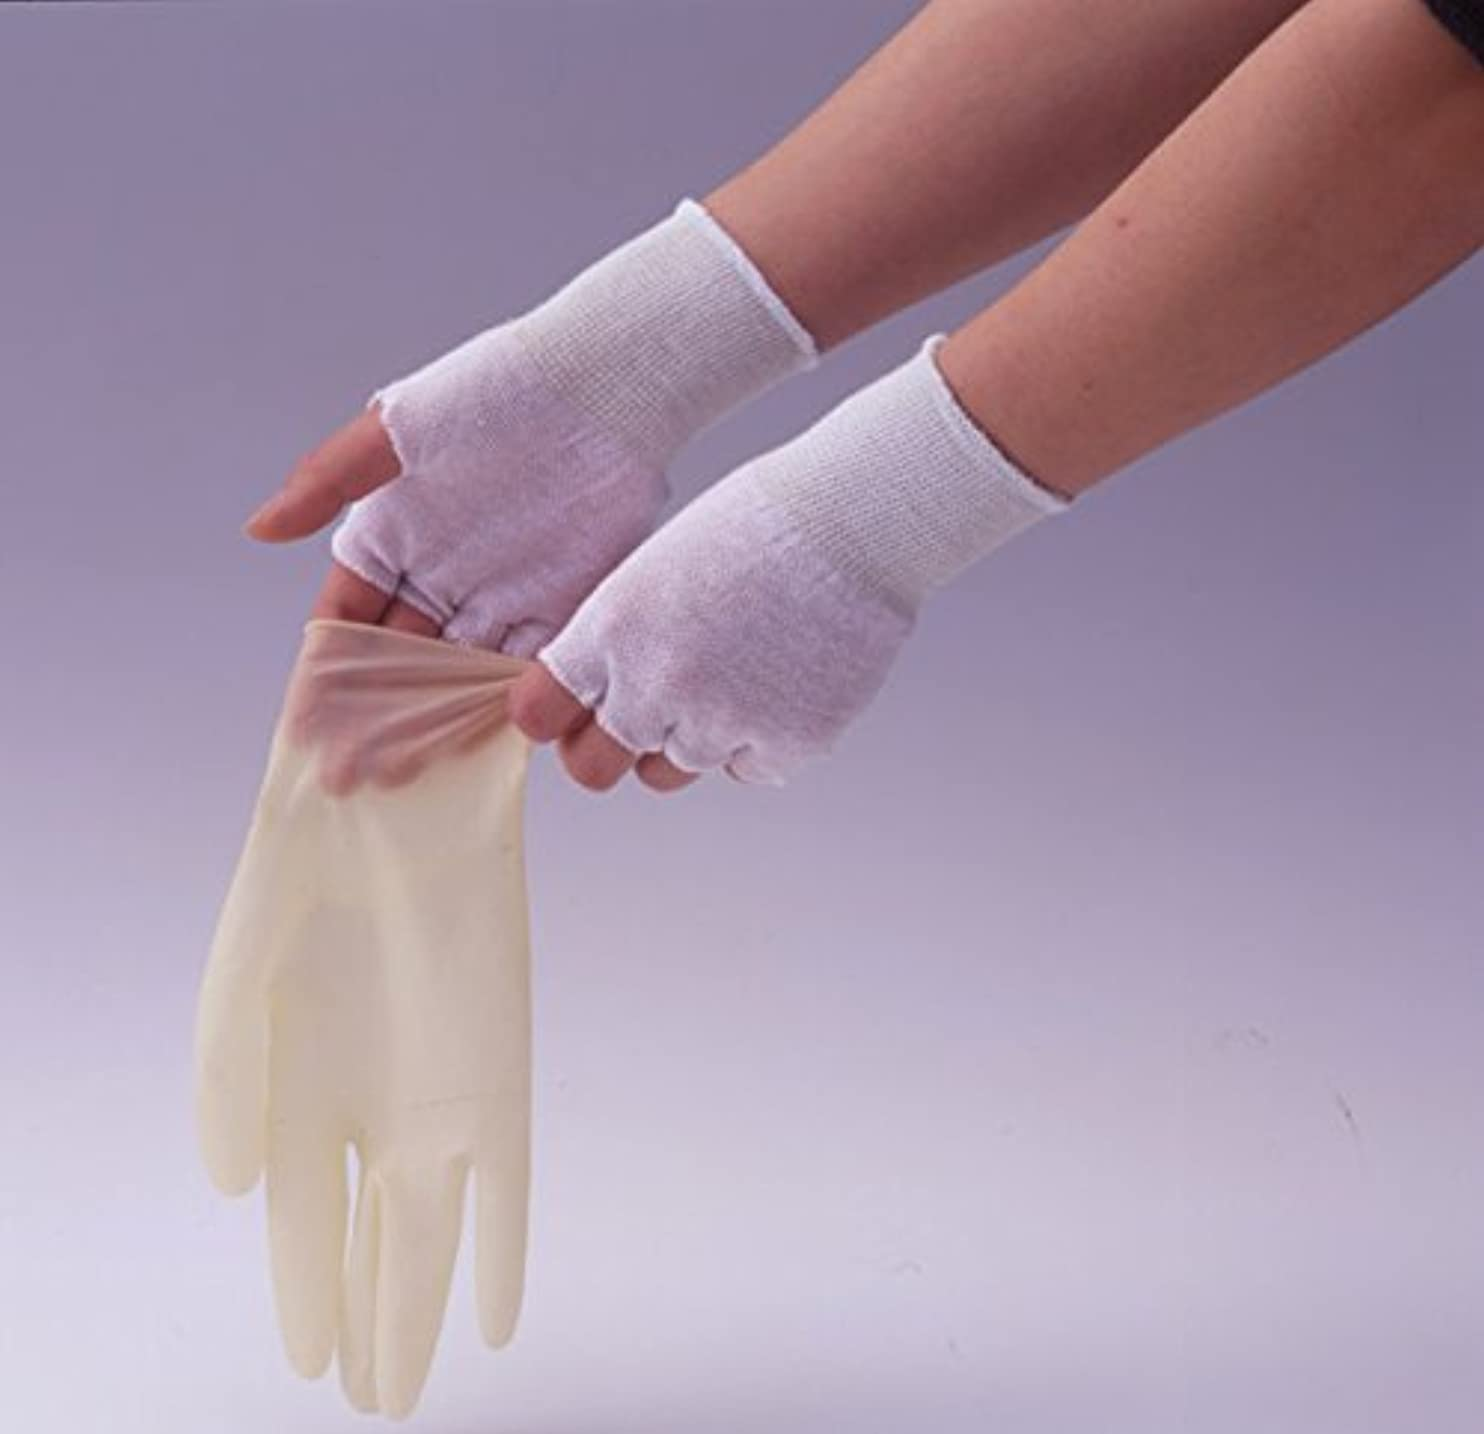 振り子たるみ変成器やさしインナー手袋 (綿100%指なし) 200組/カートン 激安業務用パック